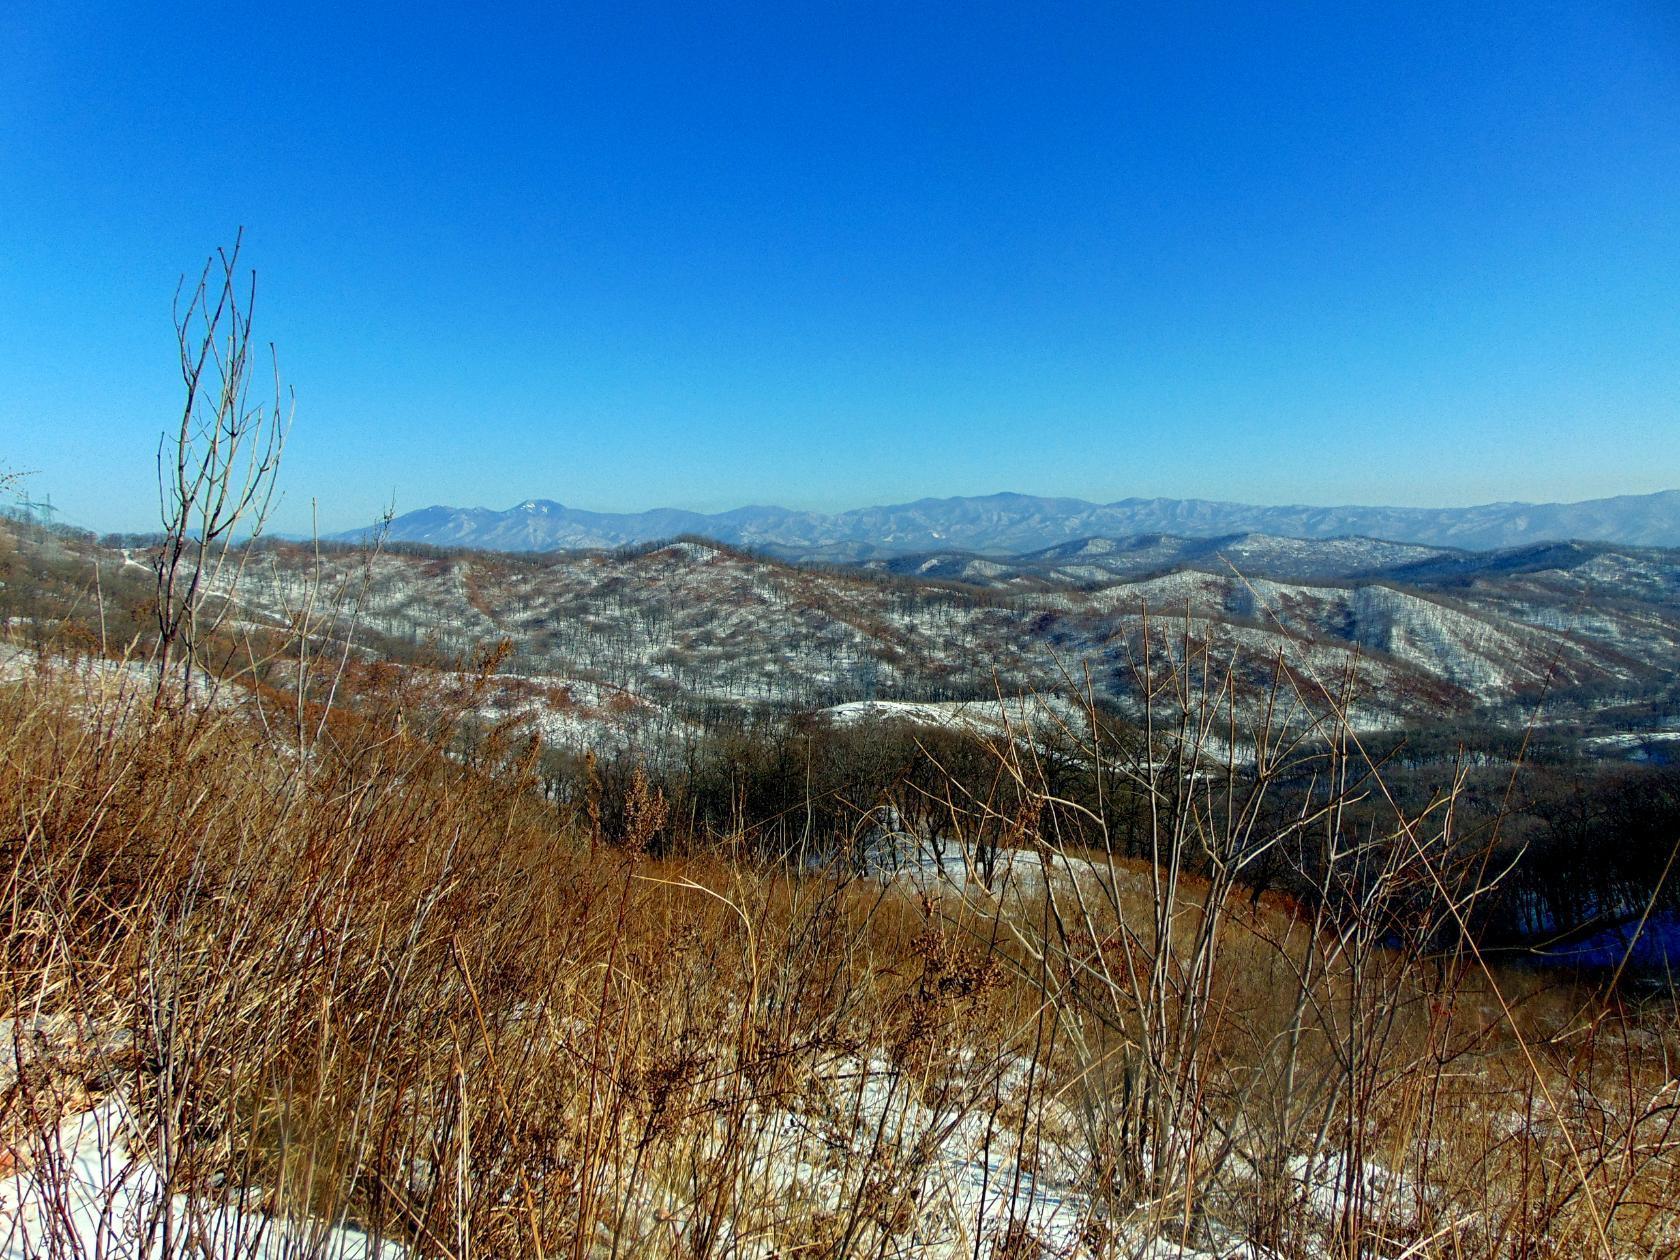 Горная страна. Вид с вершины Чандалаза. Фото Натальи Аграфениной